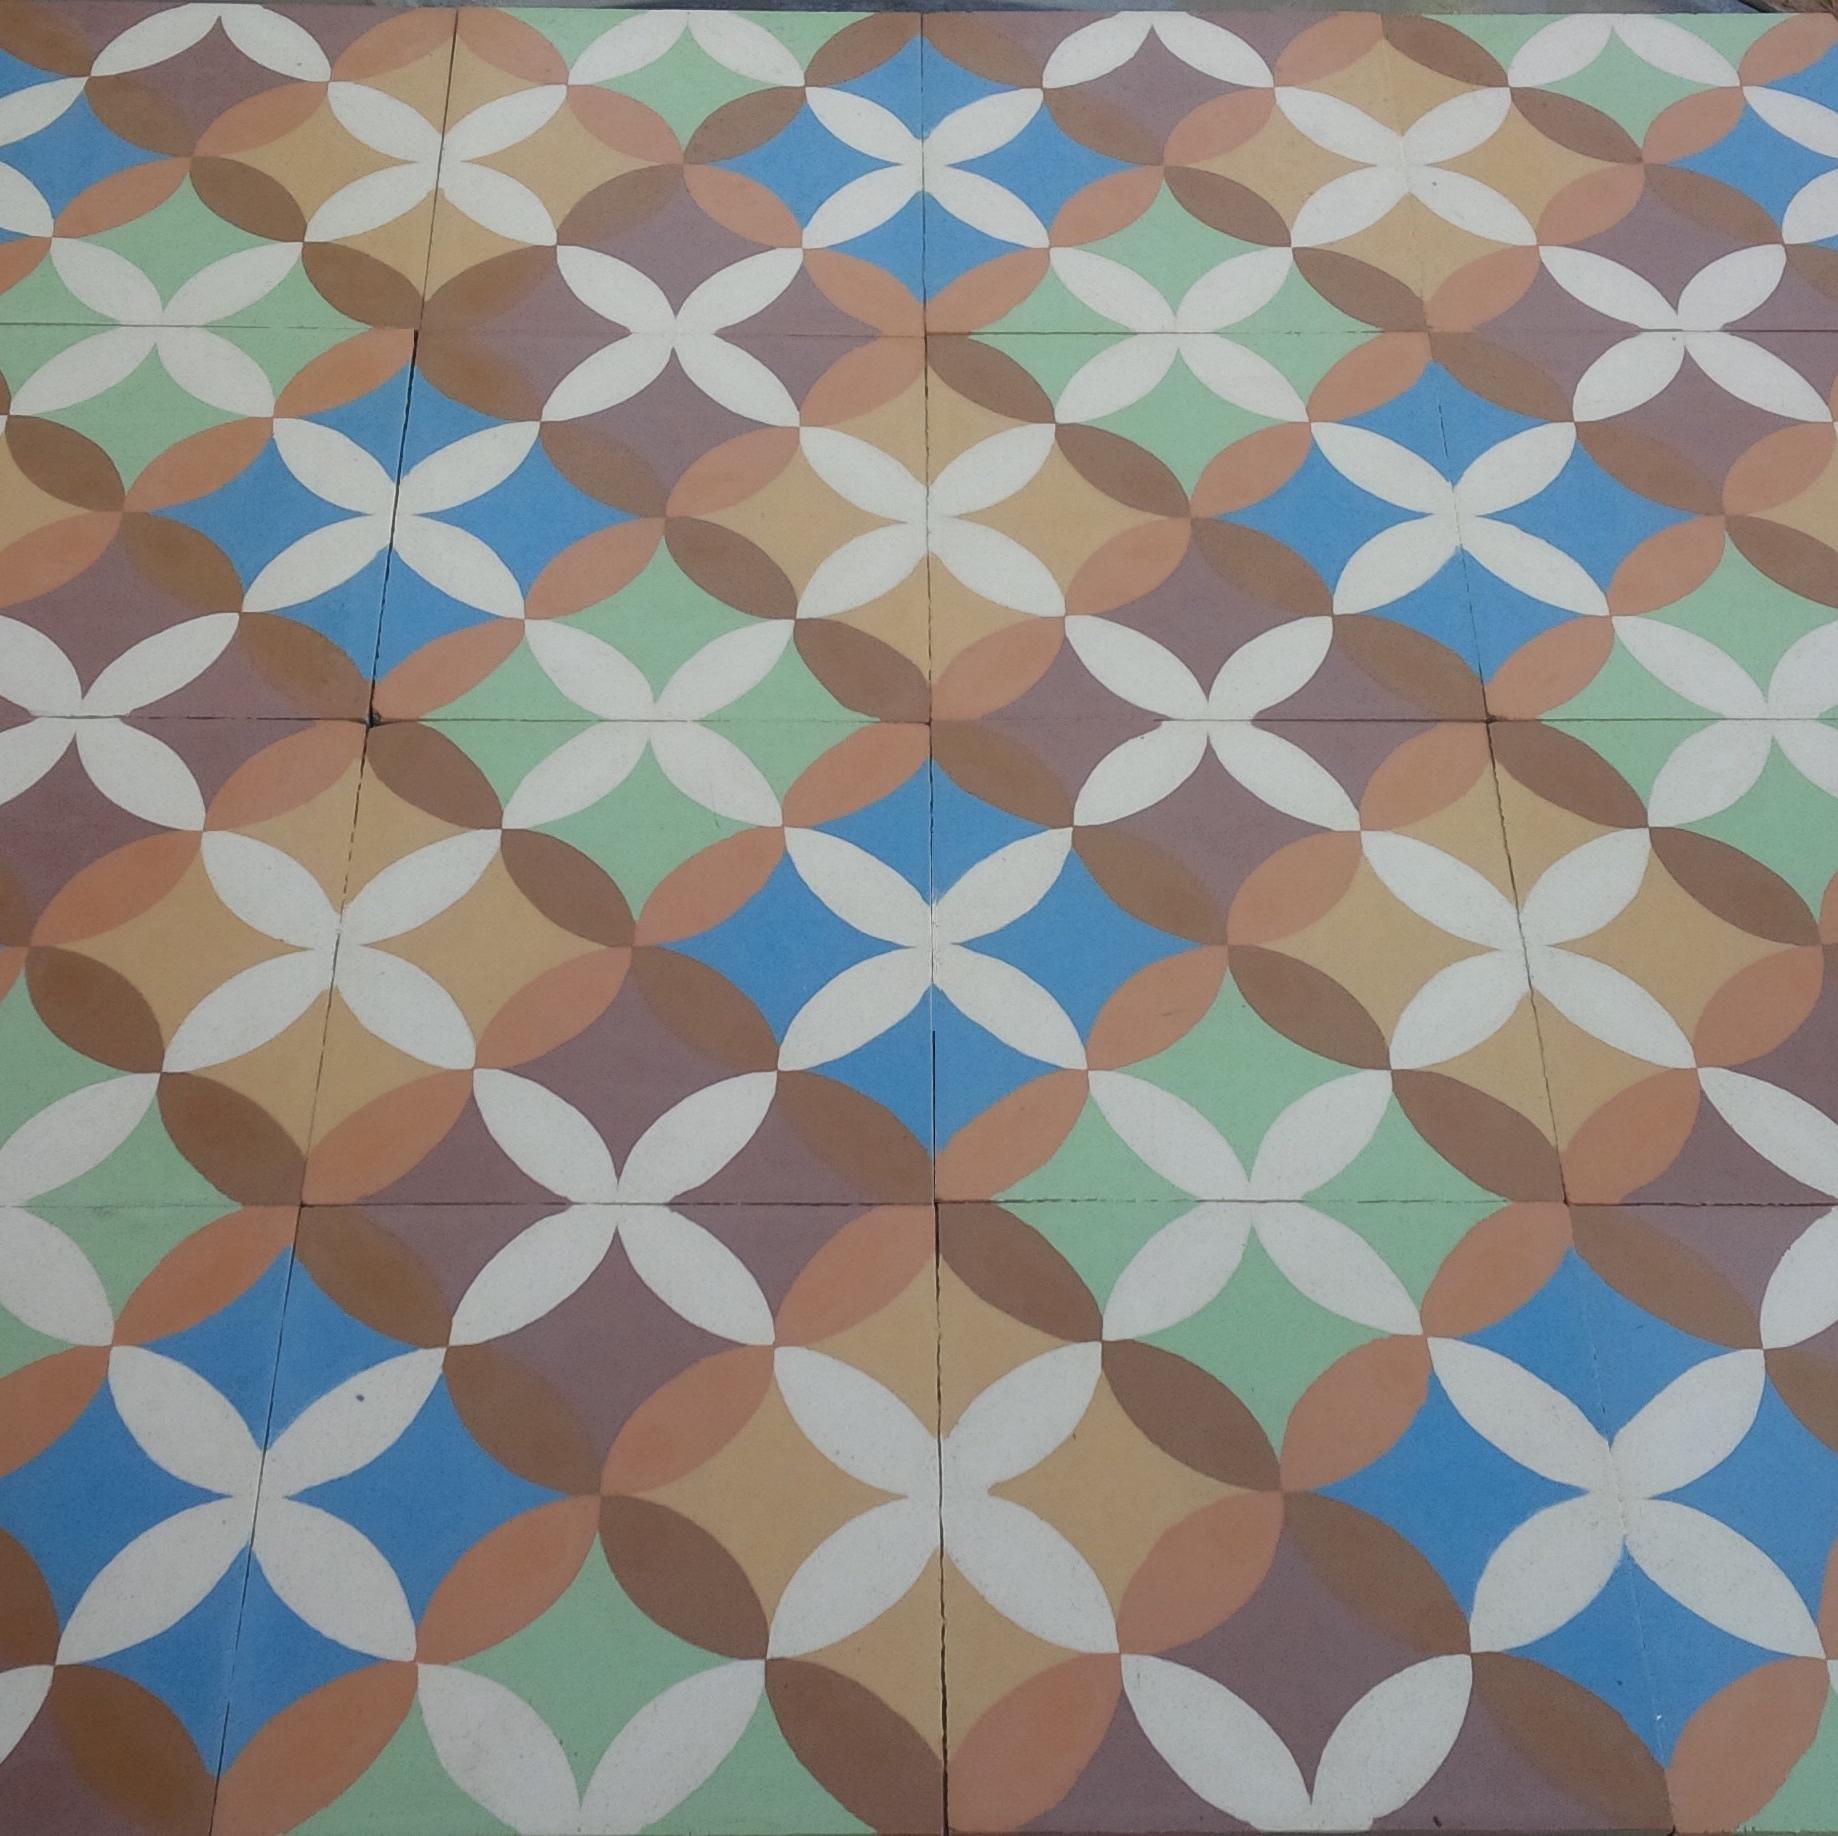 Ft Wall Mosaic